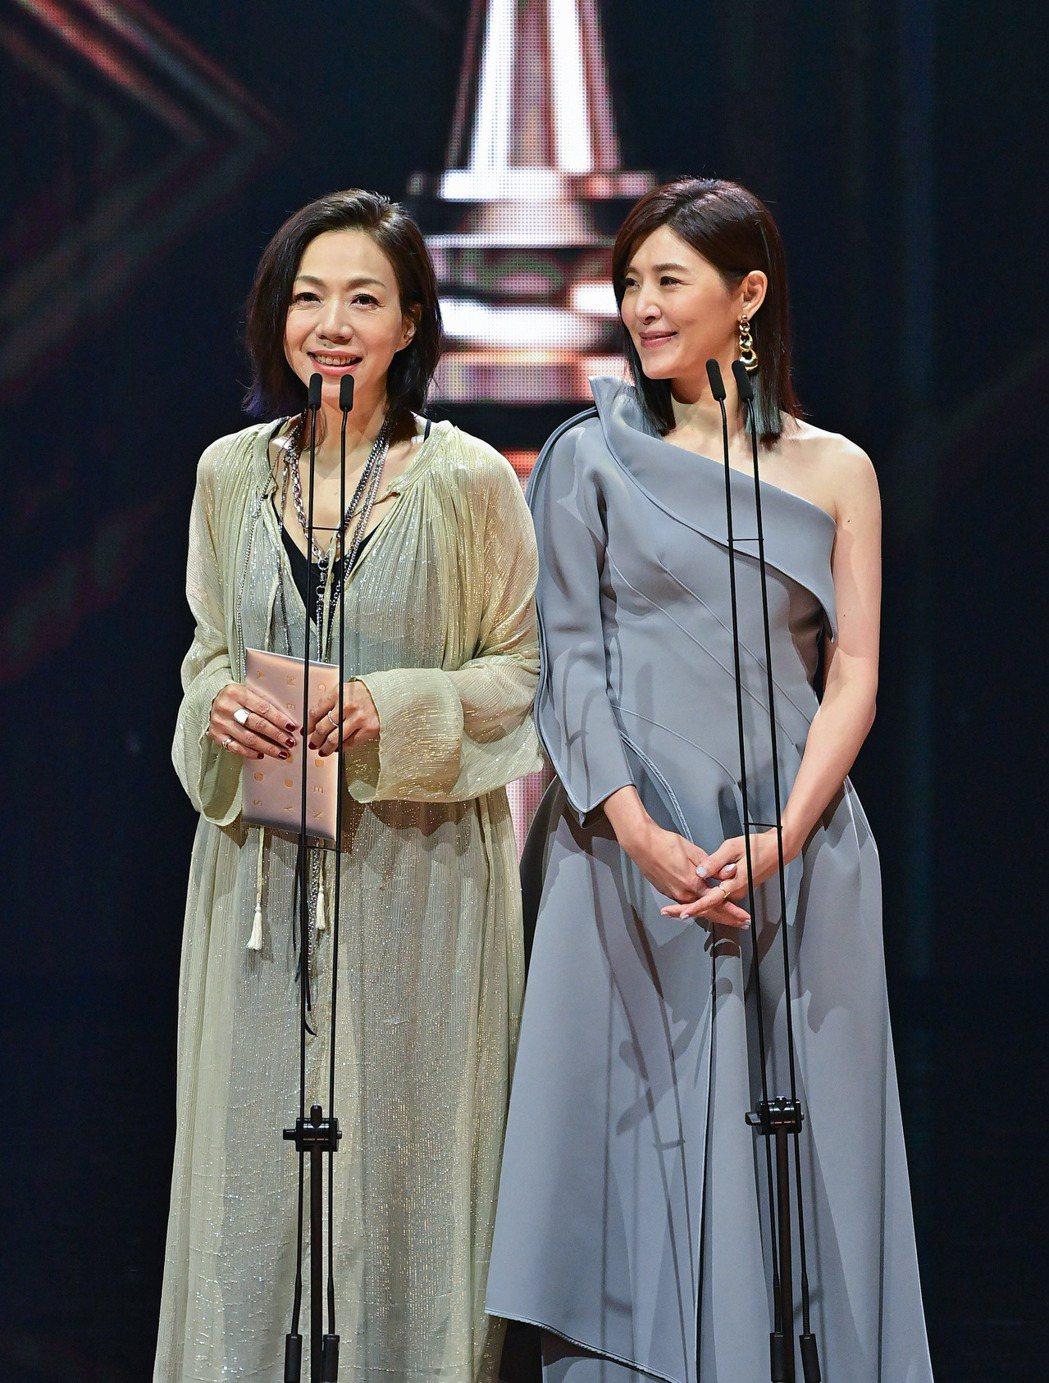 凍齡女神蘇慧倫(右)入行30年首度入圍最佳華語女歌手,同時也和萬芳(左)搭檔頒發